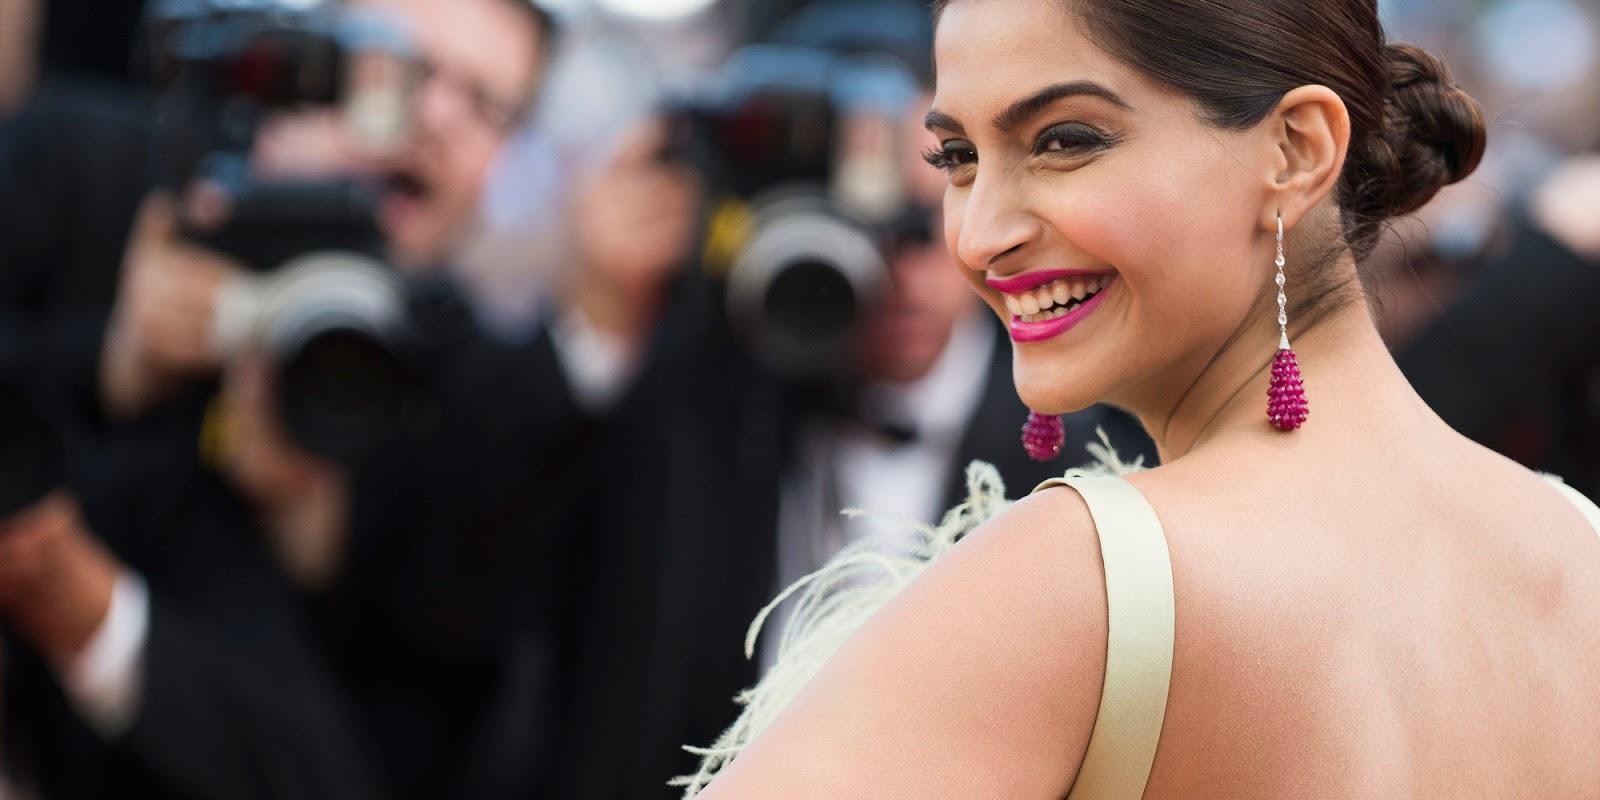 Sonam Kapoor Closeup Smiling Face At Cannes Film Festival